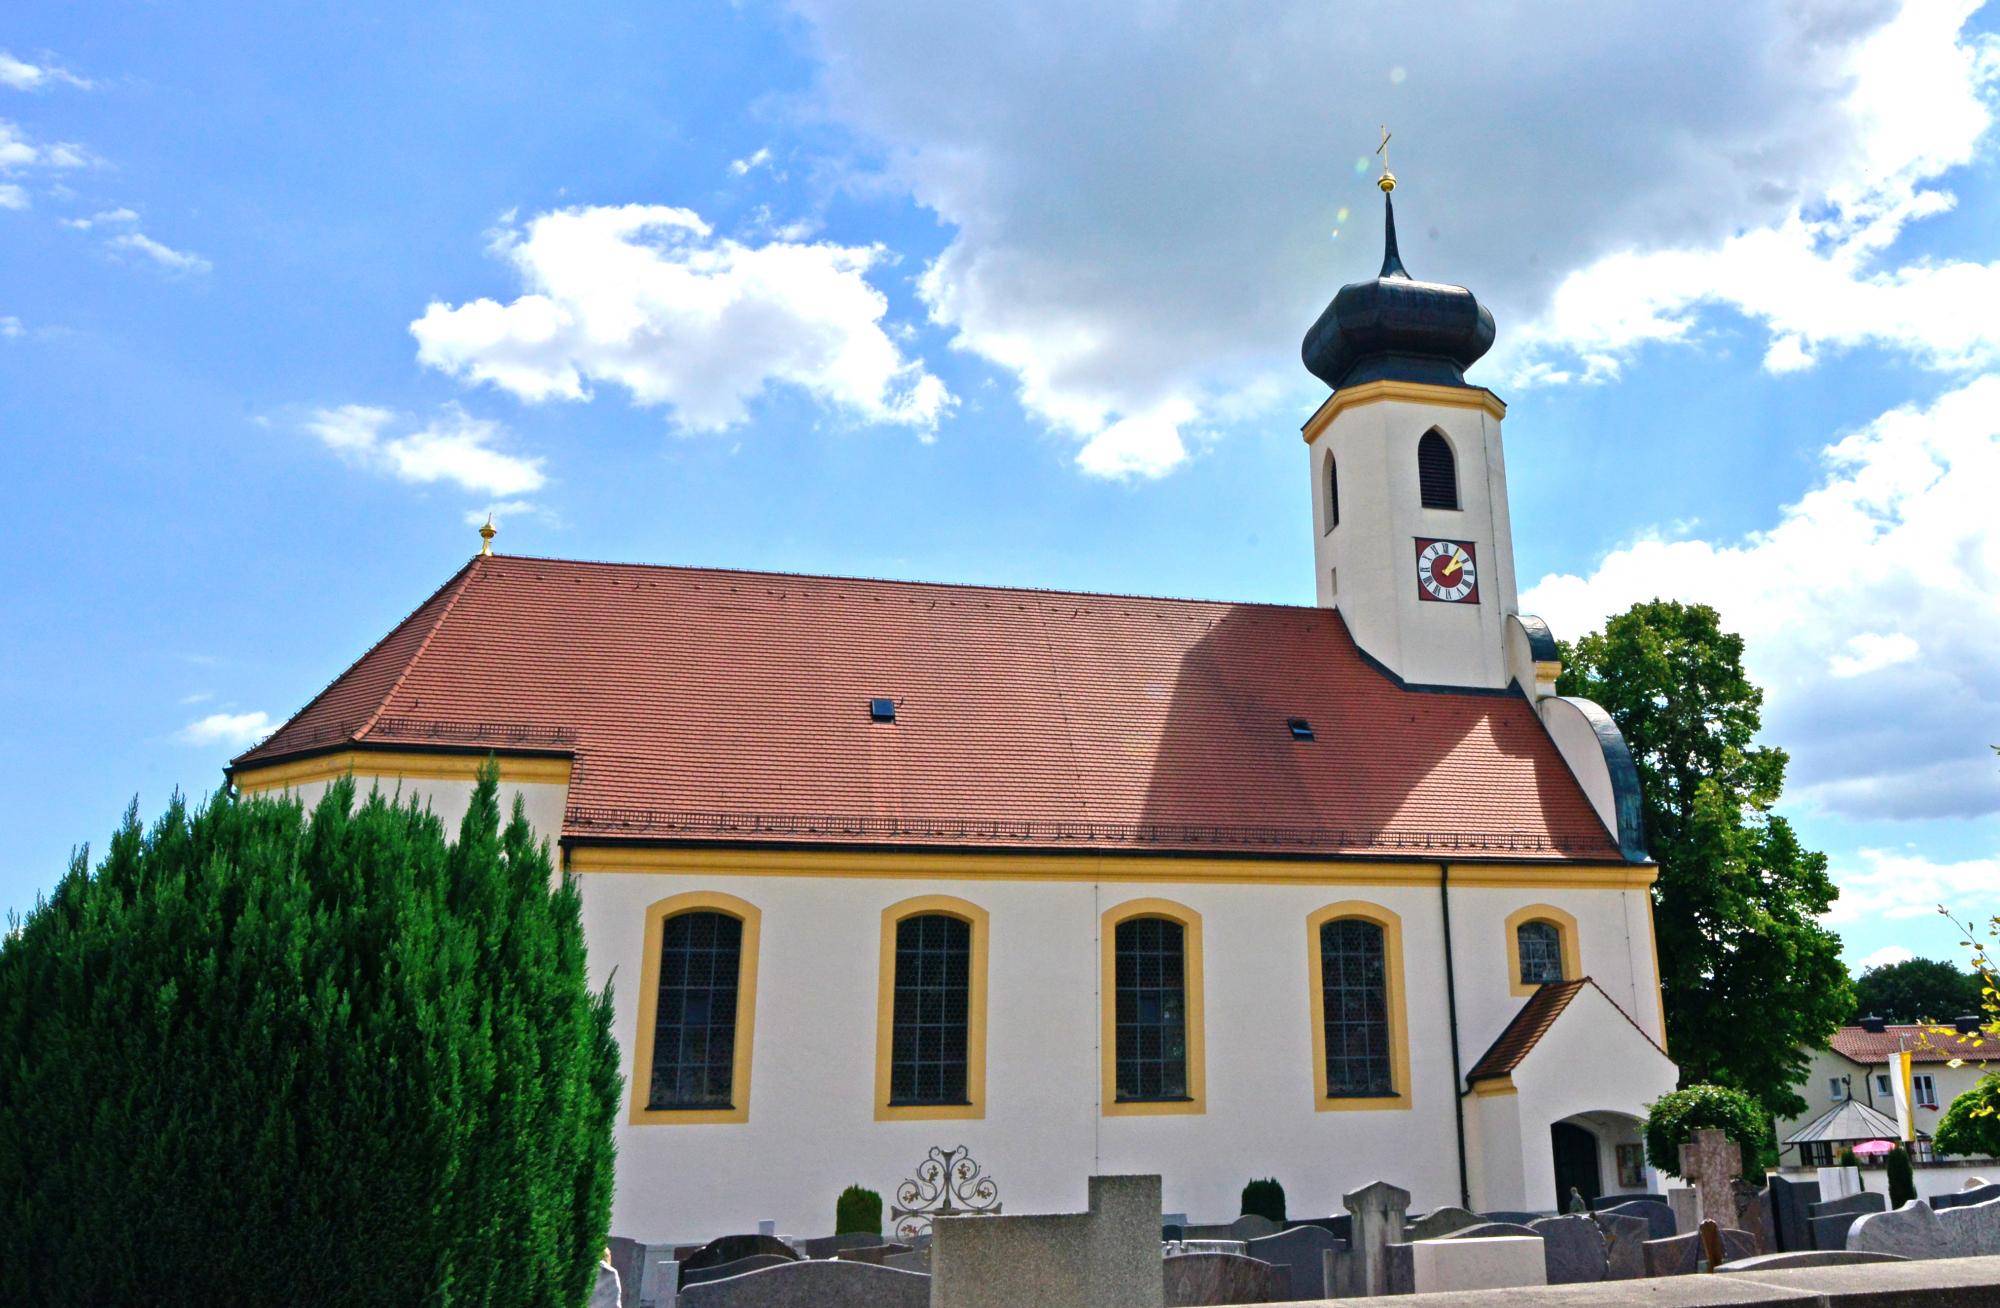 Kirche-Zur-heiligen-Familie_PV-Feichten